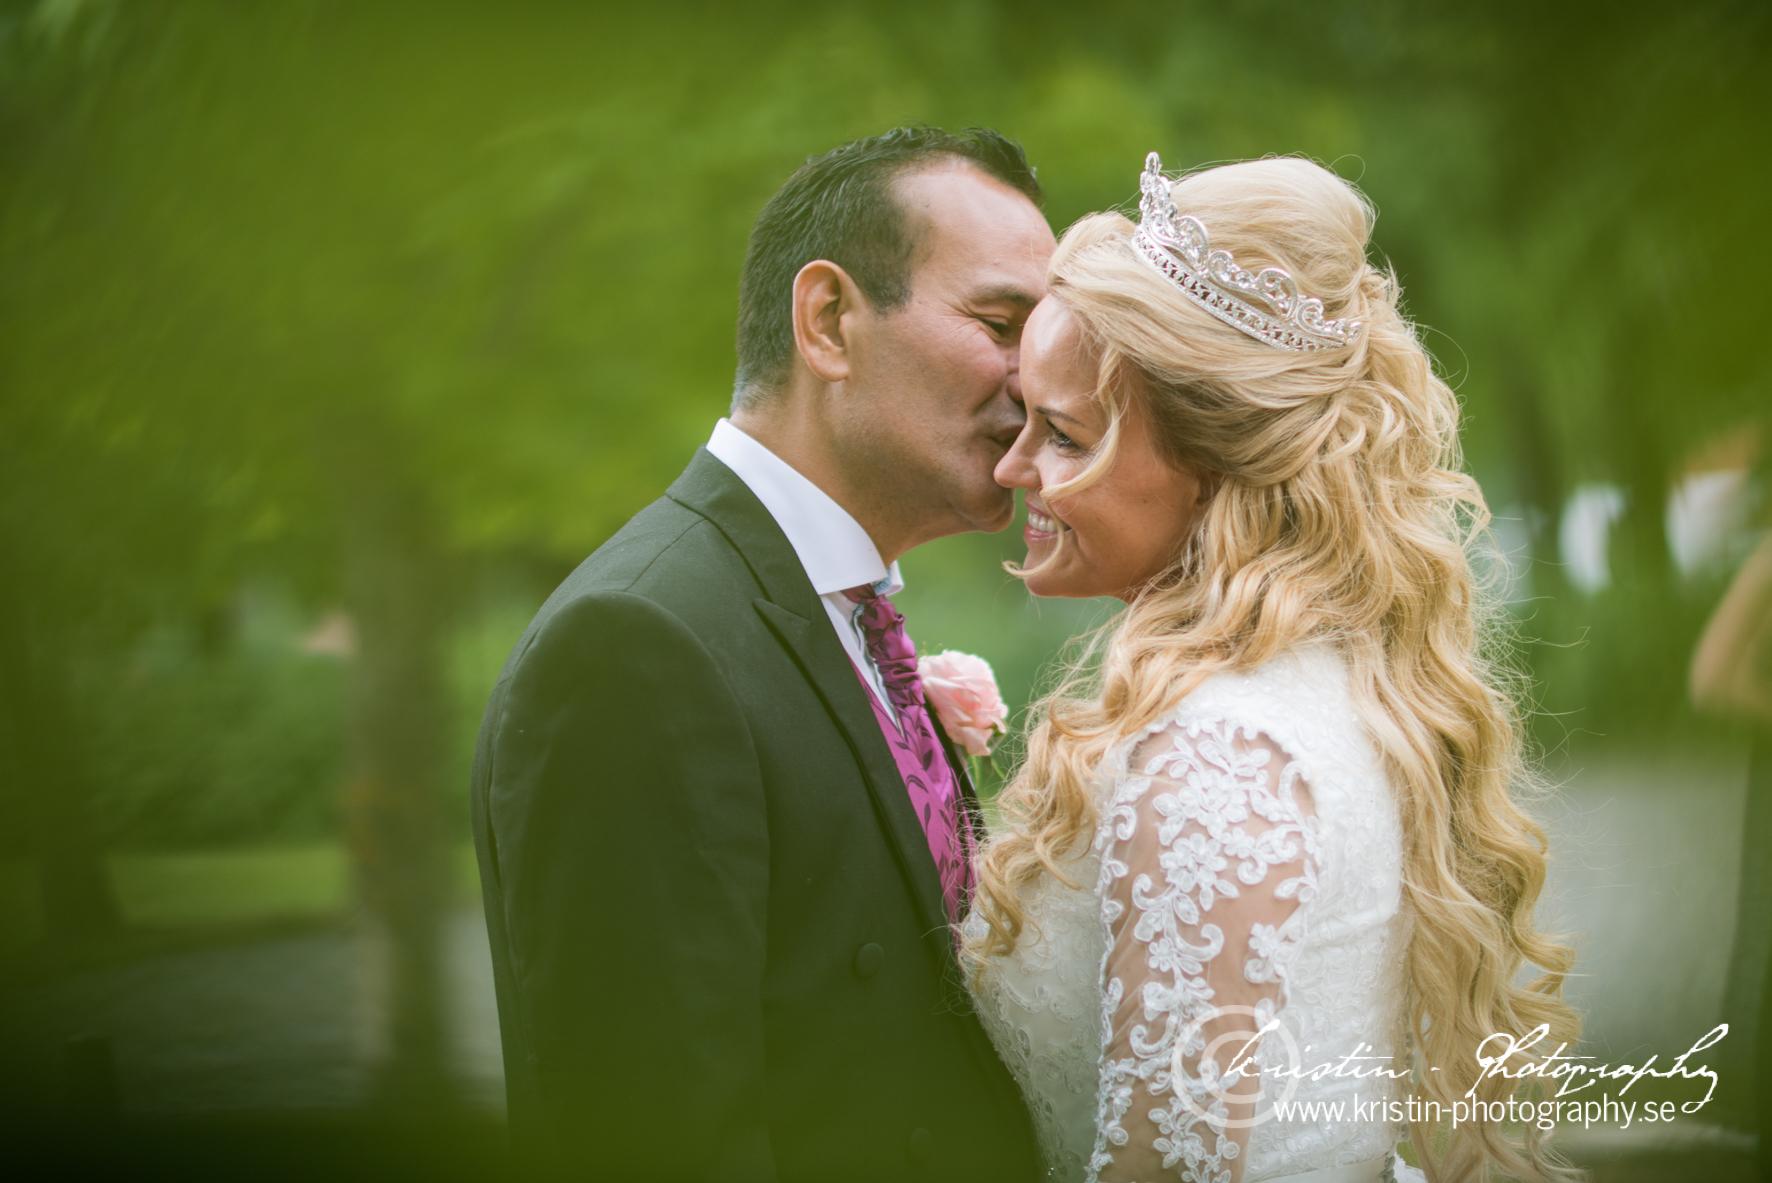 Bröllopsfotograf i Eskilstuna, Kristin - Photography-300.jpg